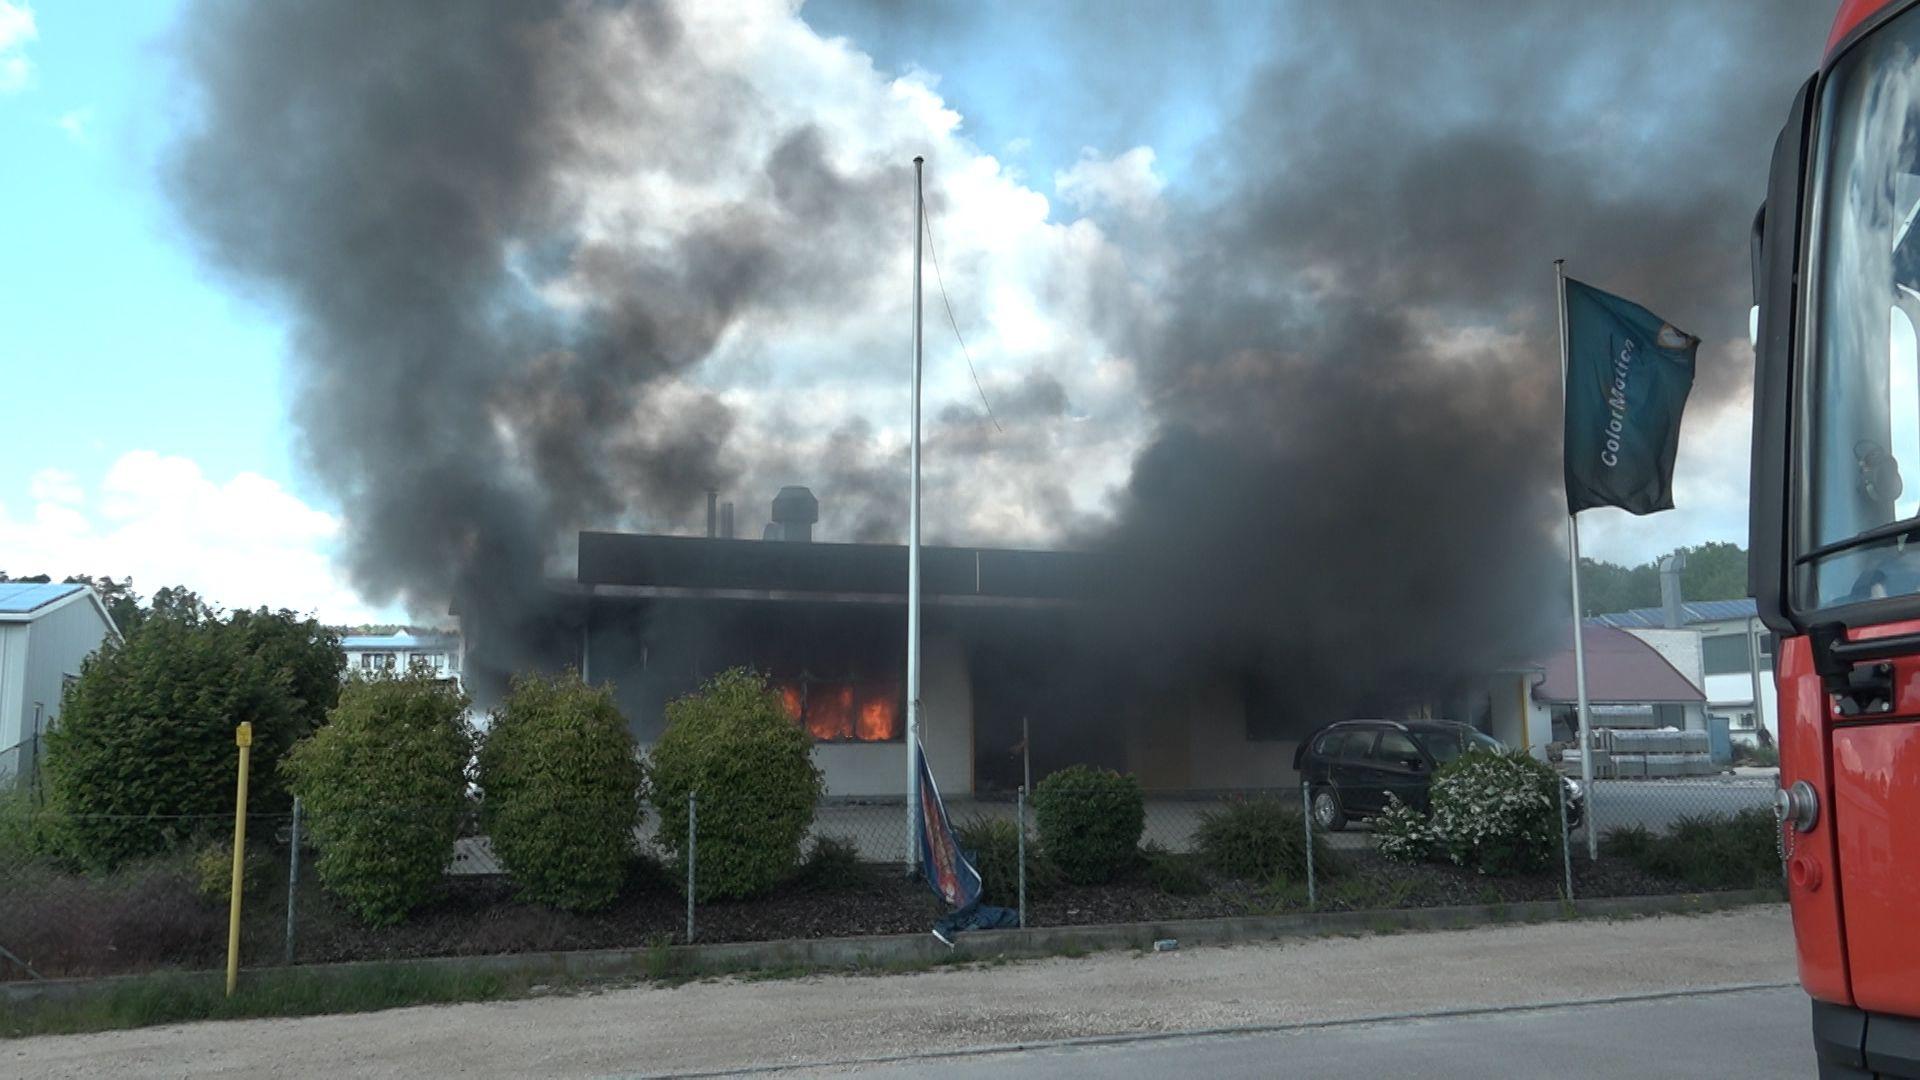 Ein brennendes Gebäude, schwarzer Rauch steigt aus Fenstern und Türen auf.